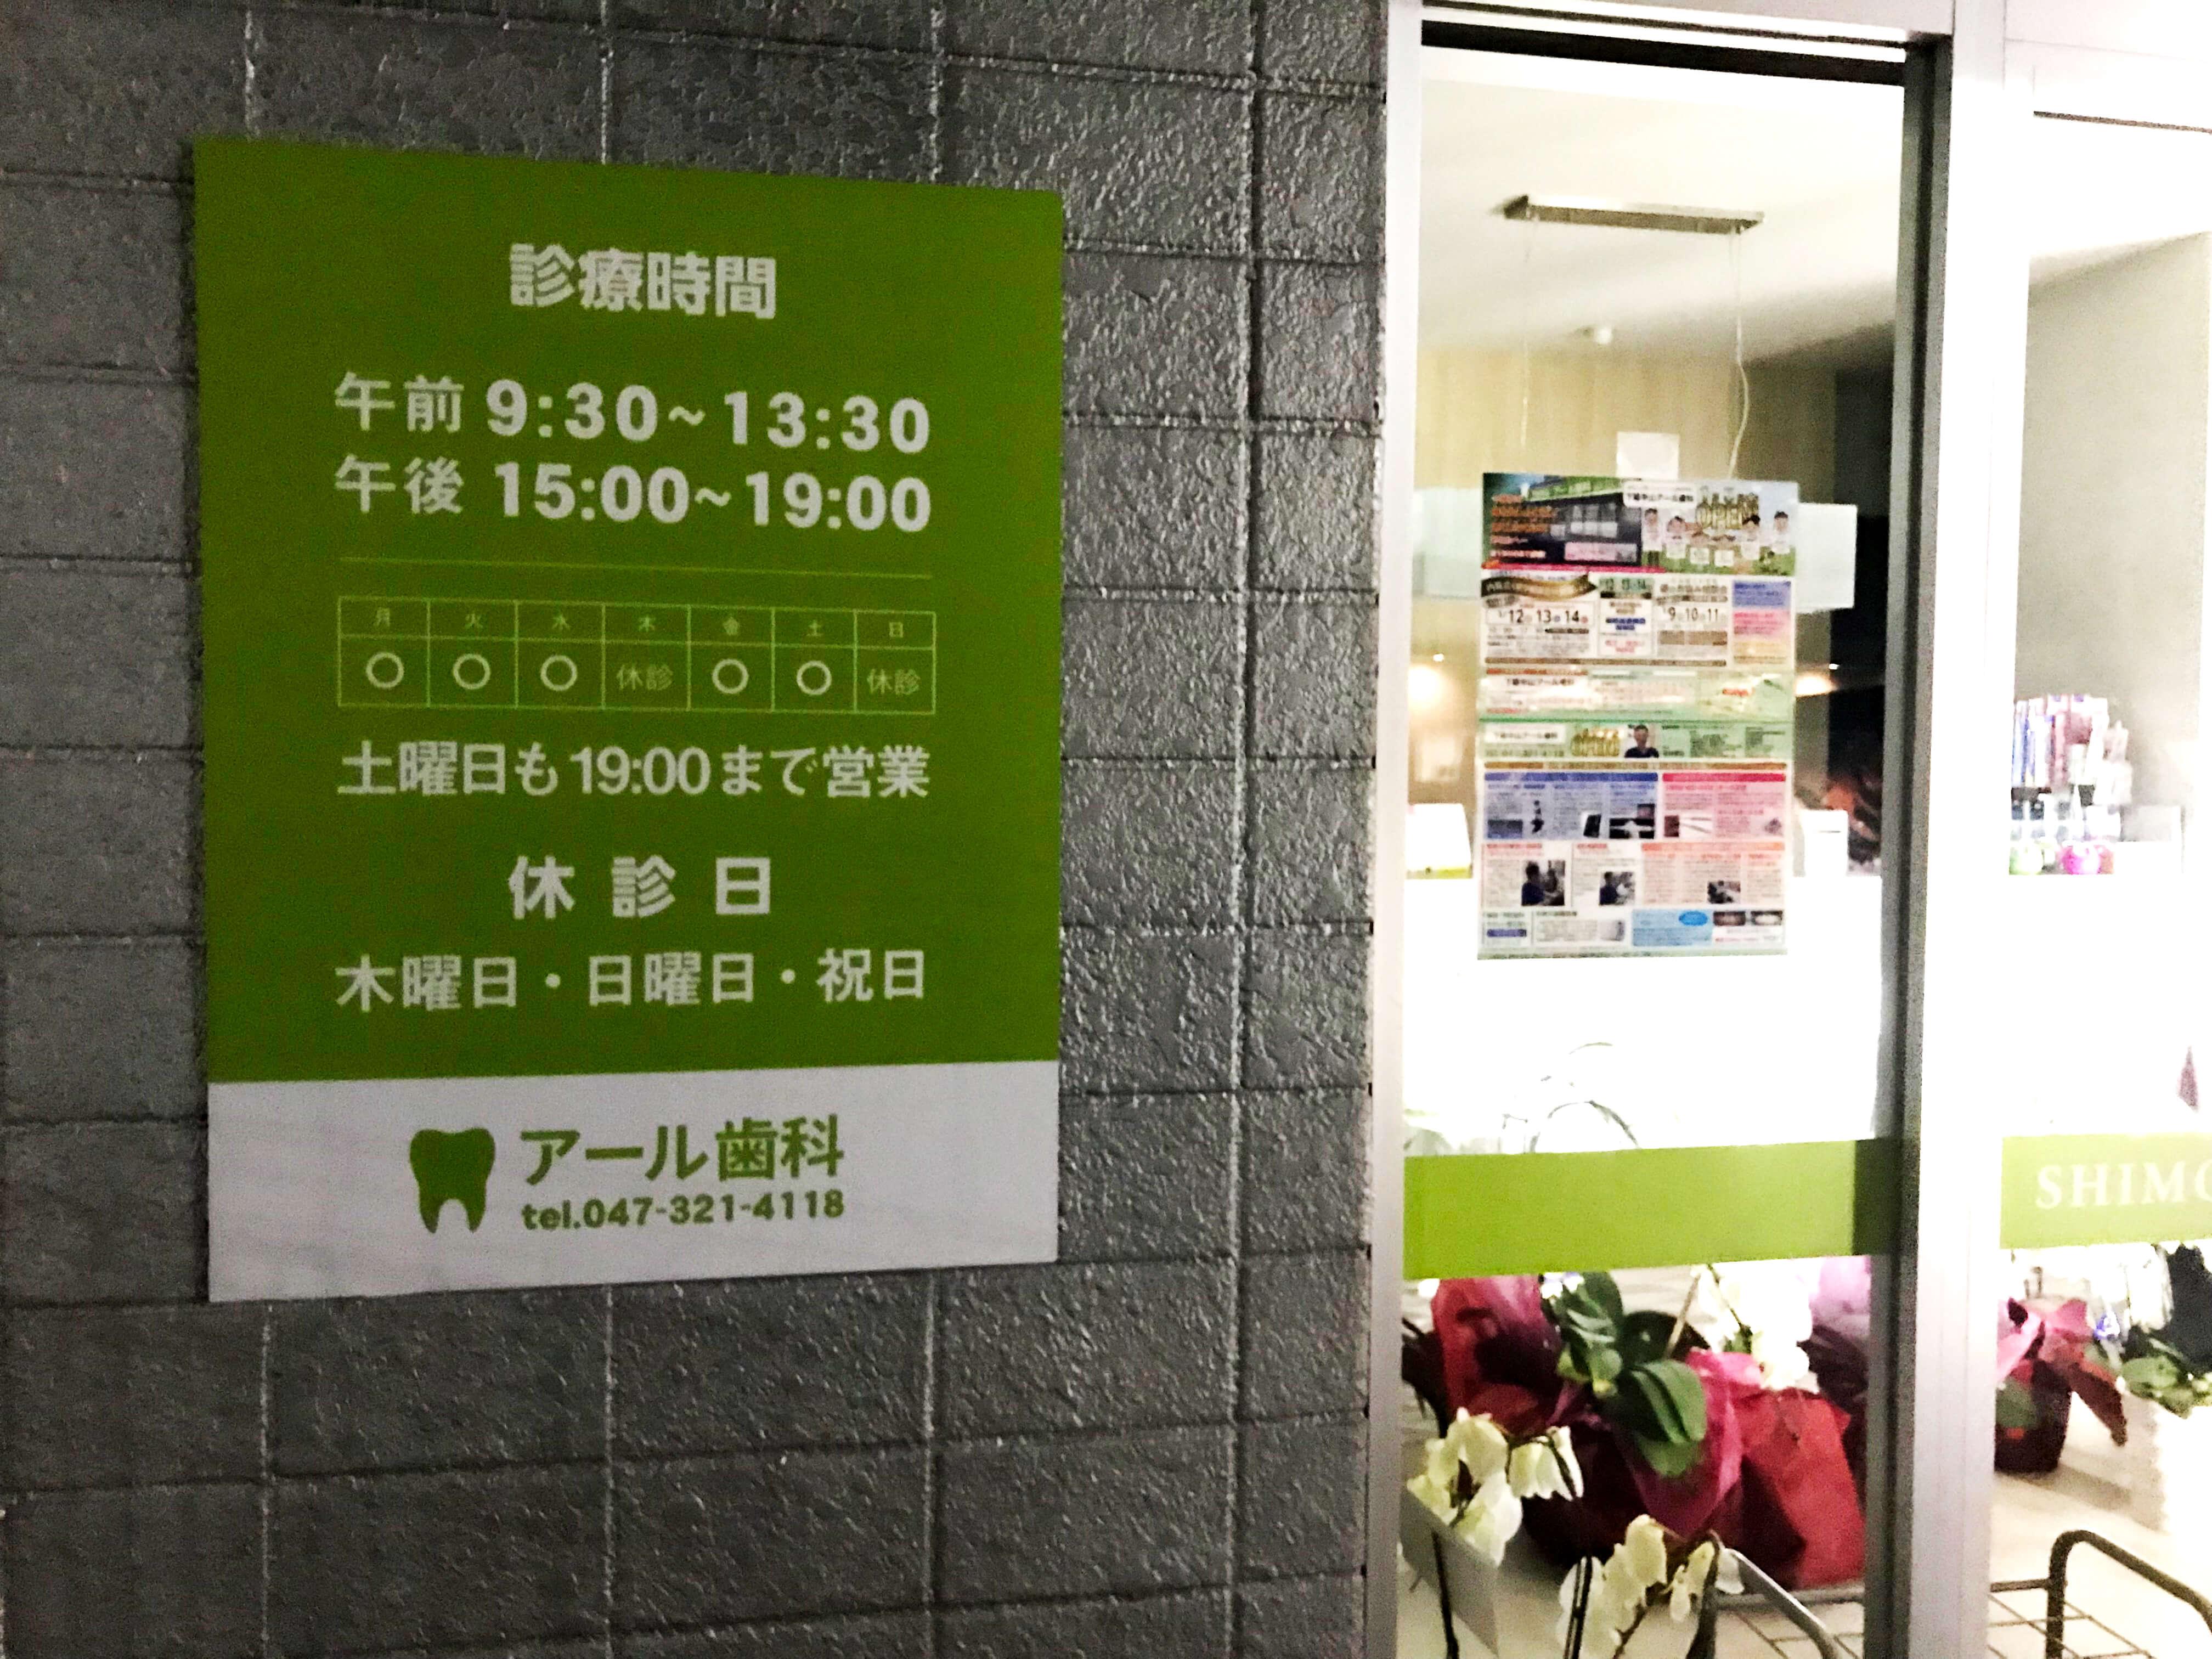 300315 2 - 【千葉県 市川市】新しく開院する歯医者さんのLED照明看板、カッティングシート、電飾看板施工・デザインを担当しました。